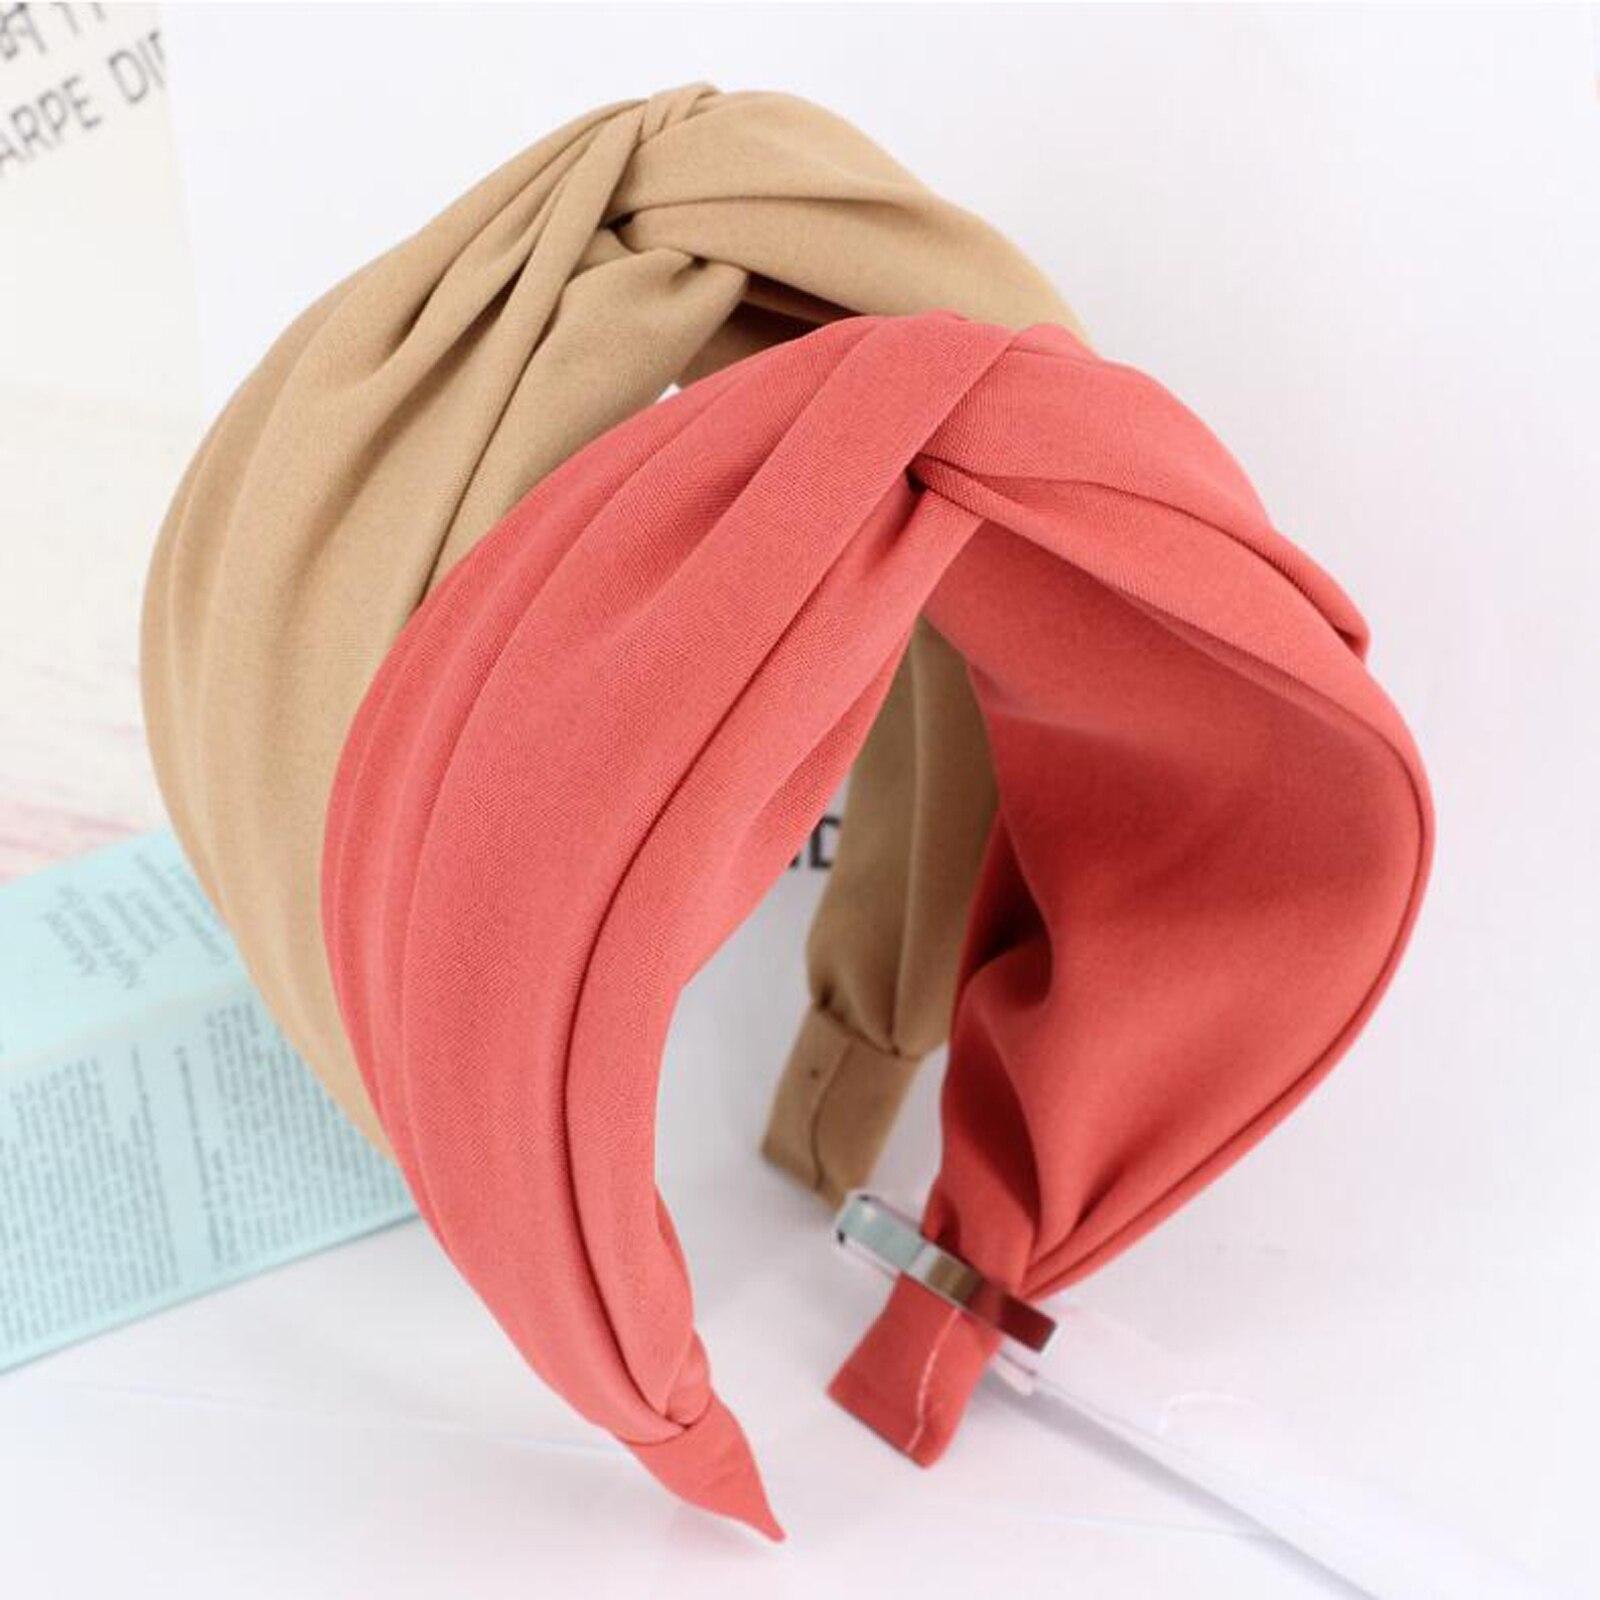 New Classic Turban Women Headband Solid Hairband Wide Side Hair Band Solid Wide Plastic Hair Hoop Accessories